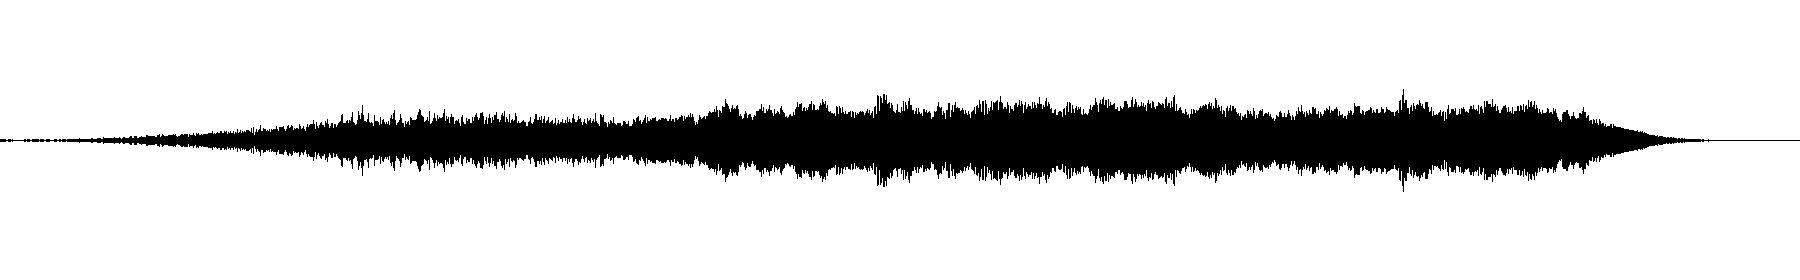 str glissoct 07 xs